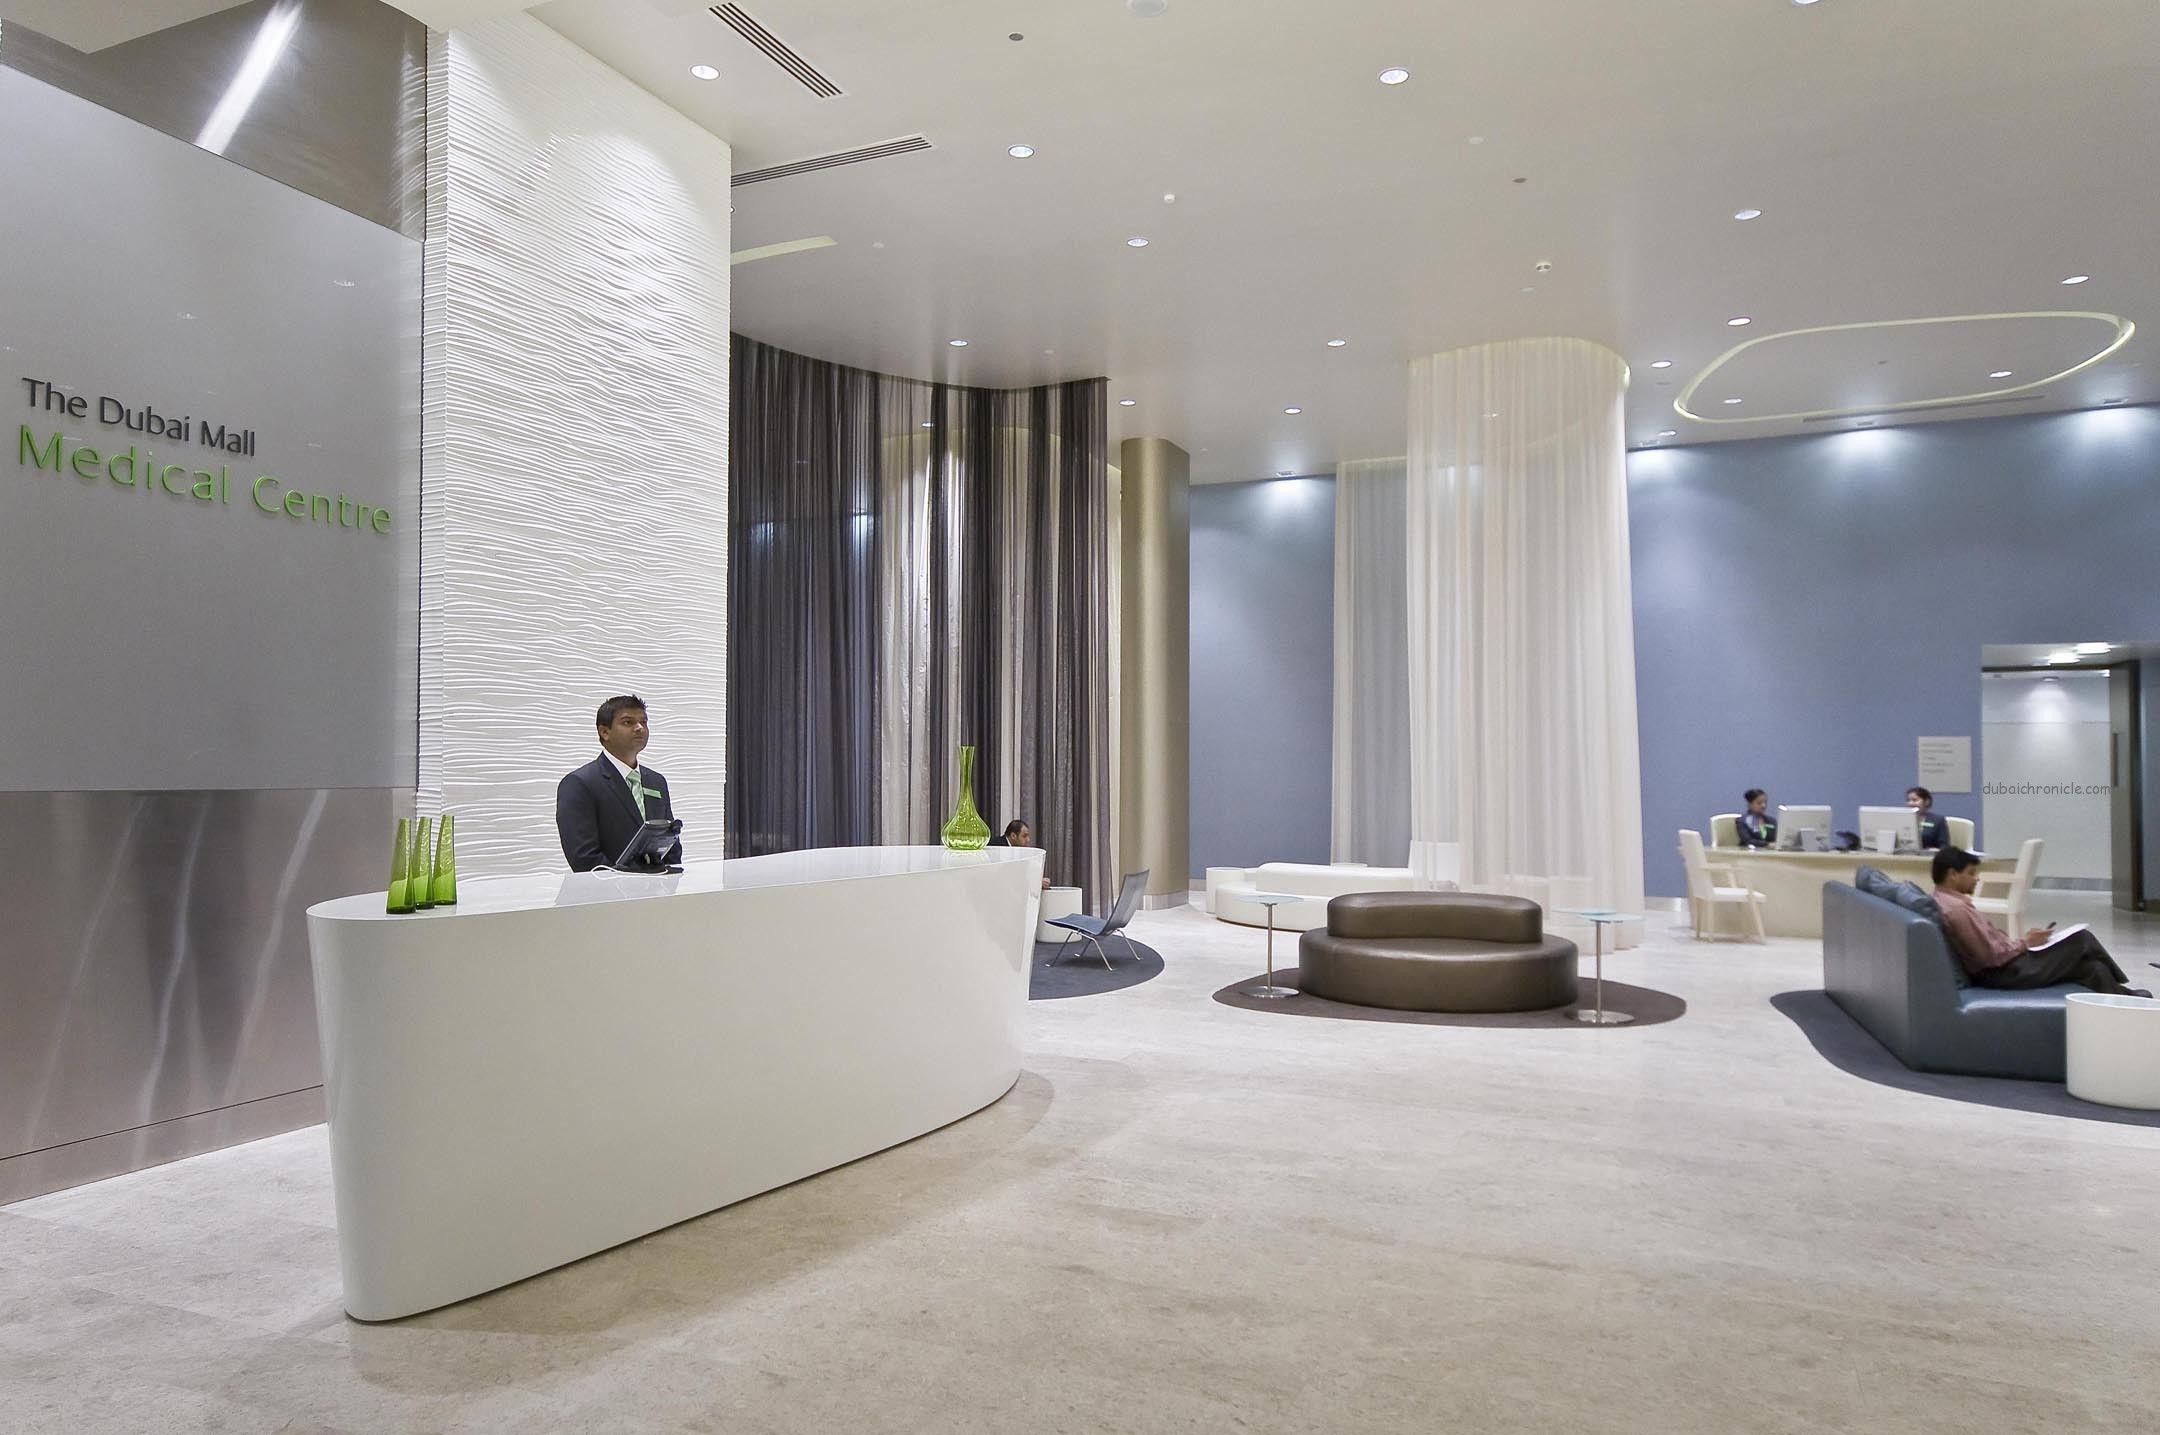 Ο σωστός σχεδιασμός του χώρου προσελκύει πελάτες 3 χώροι